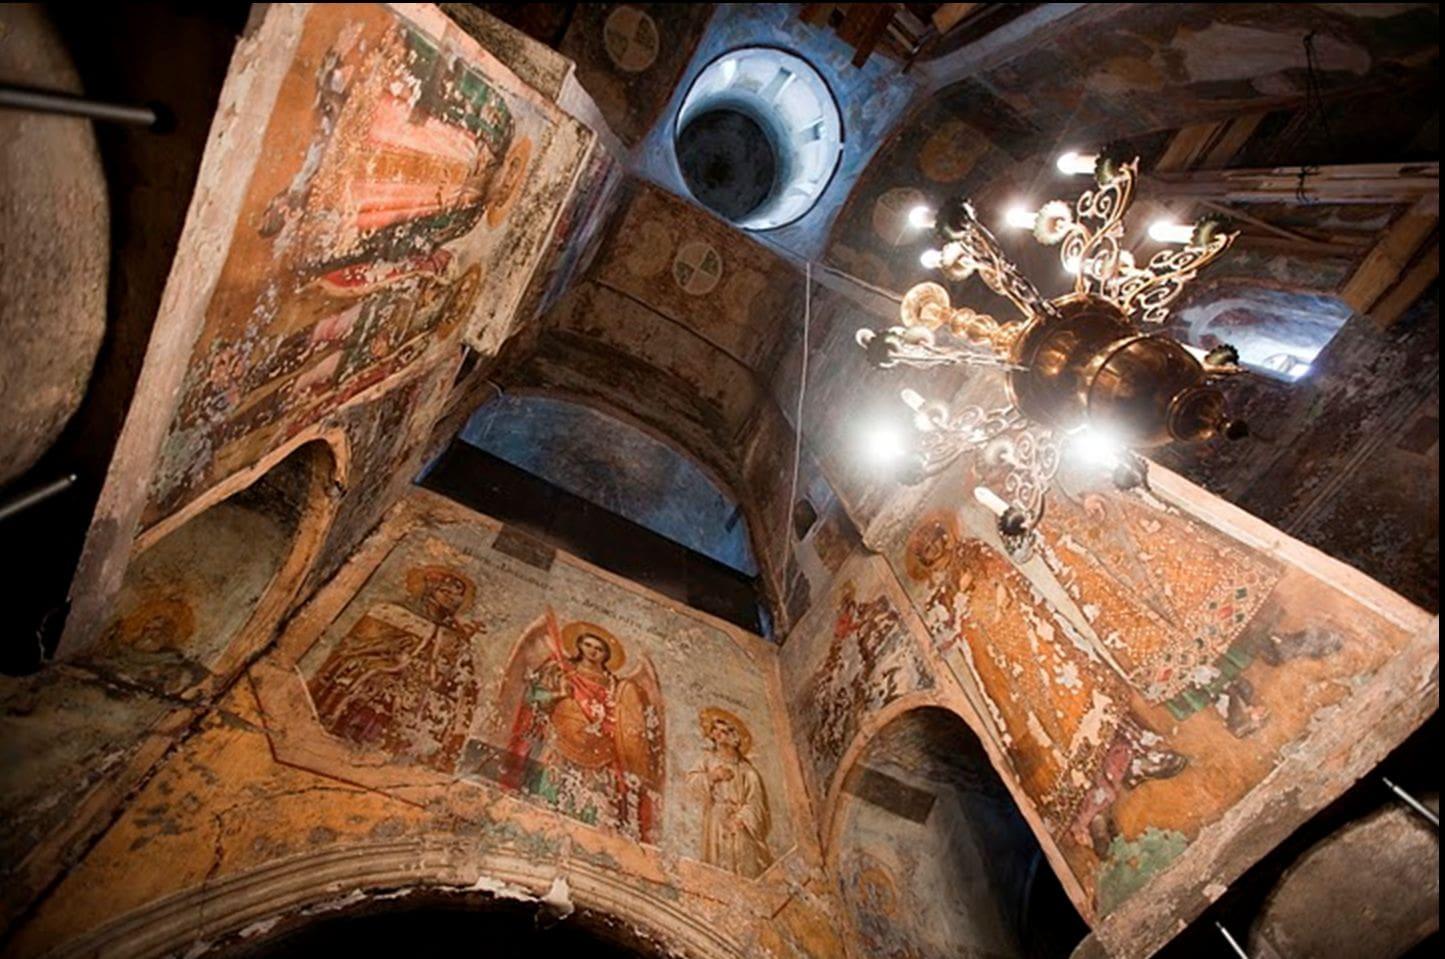 Уникальные фрески полоцкого монастыря 12 века